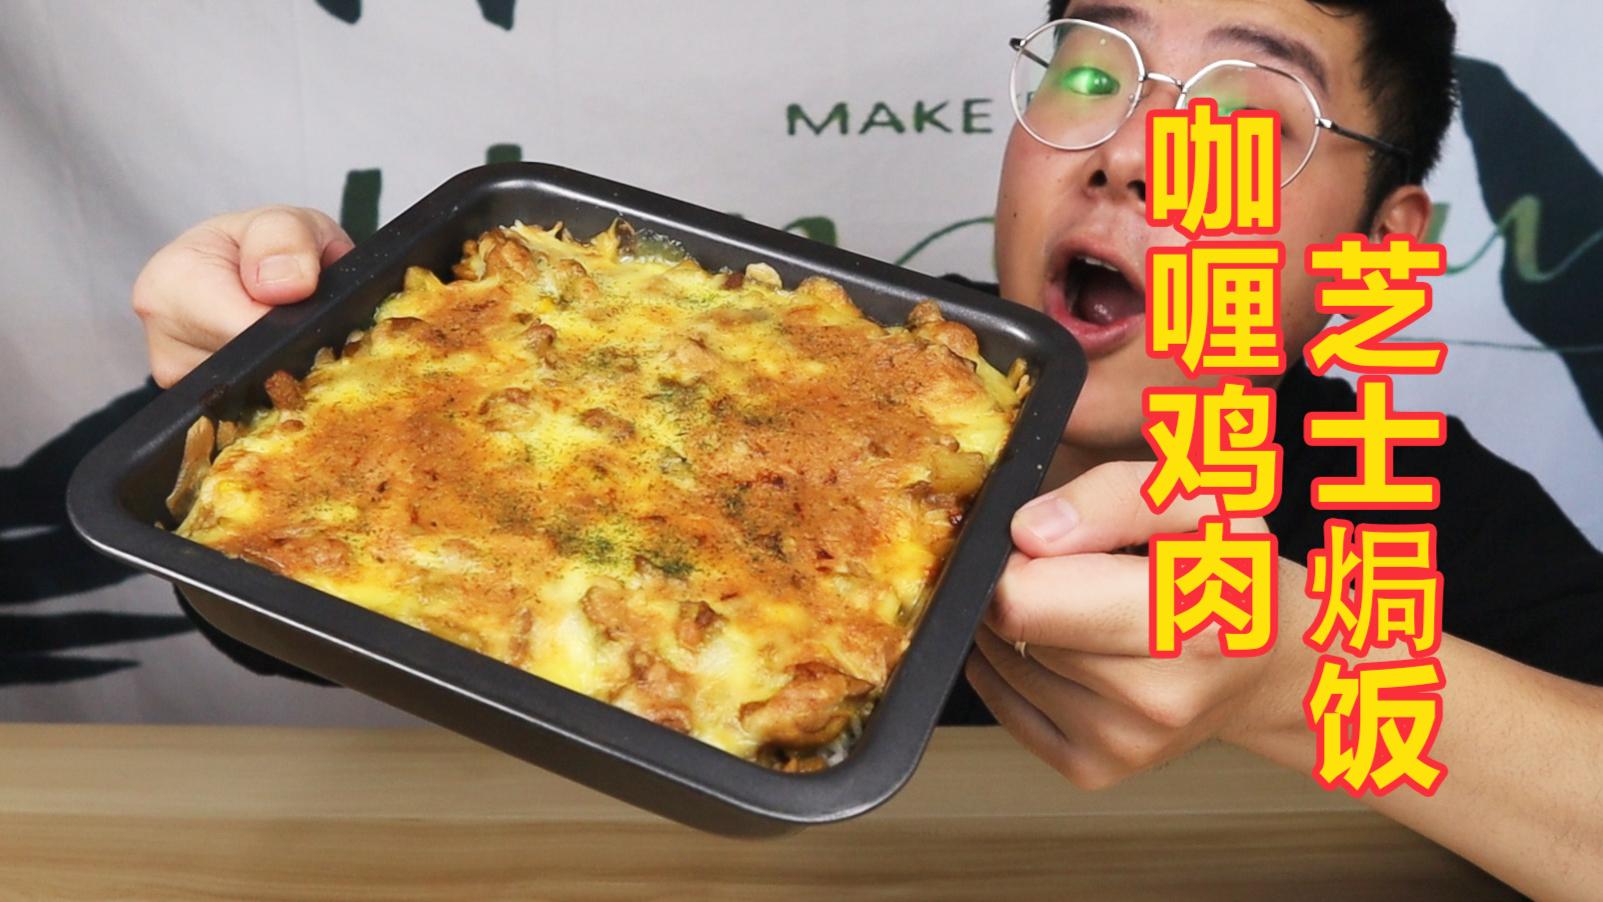 原来芝士焗饭这么简单?自制咖喱鸡肉芝士焗饭,比外卖的好吃多啦!